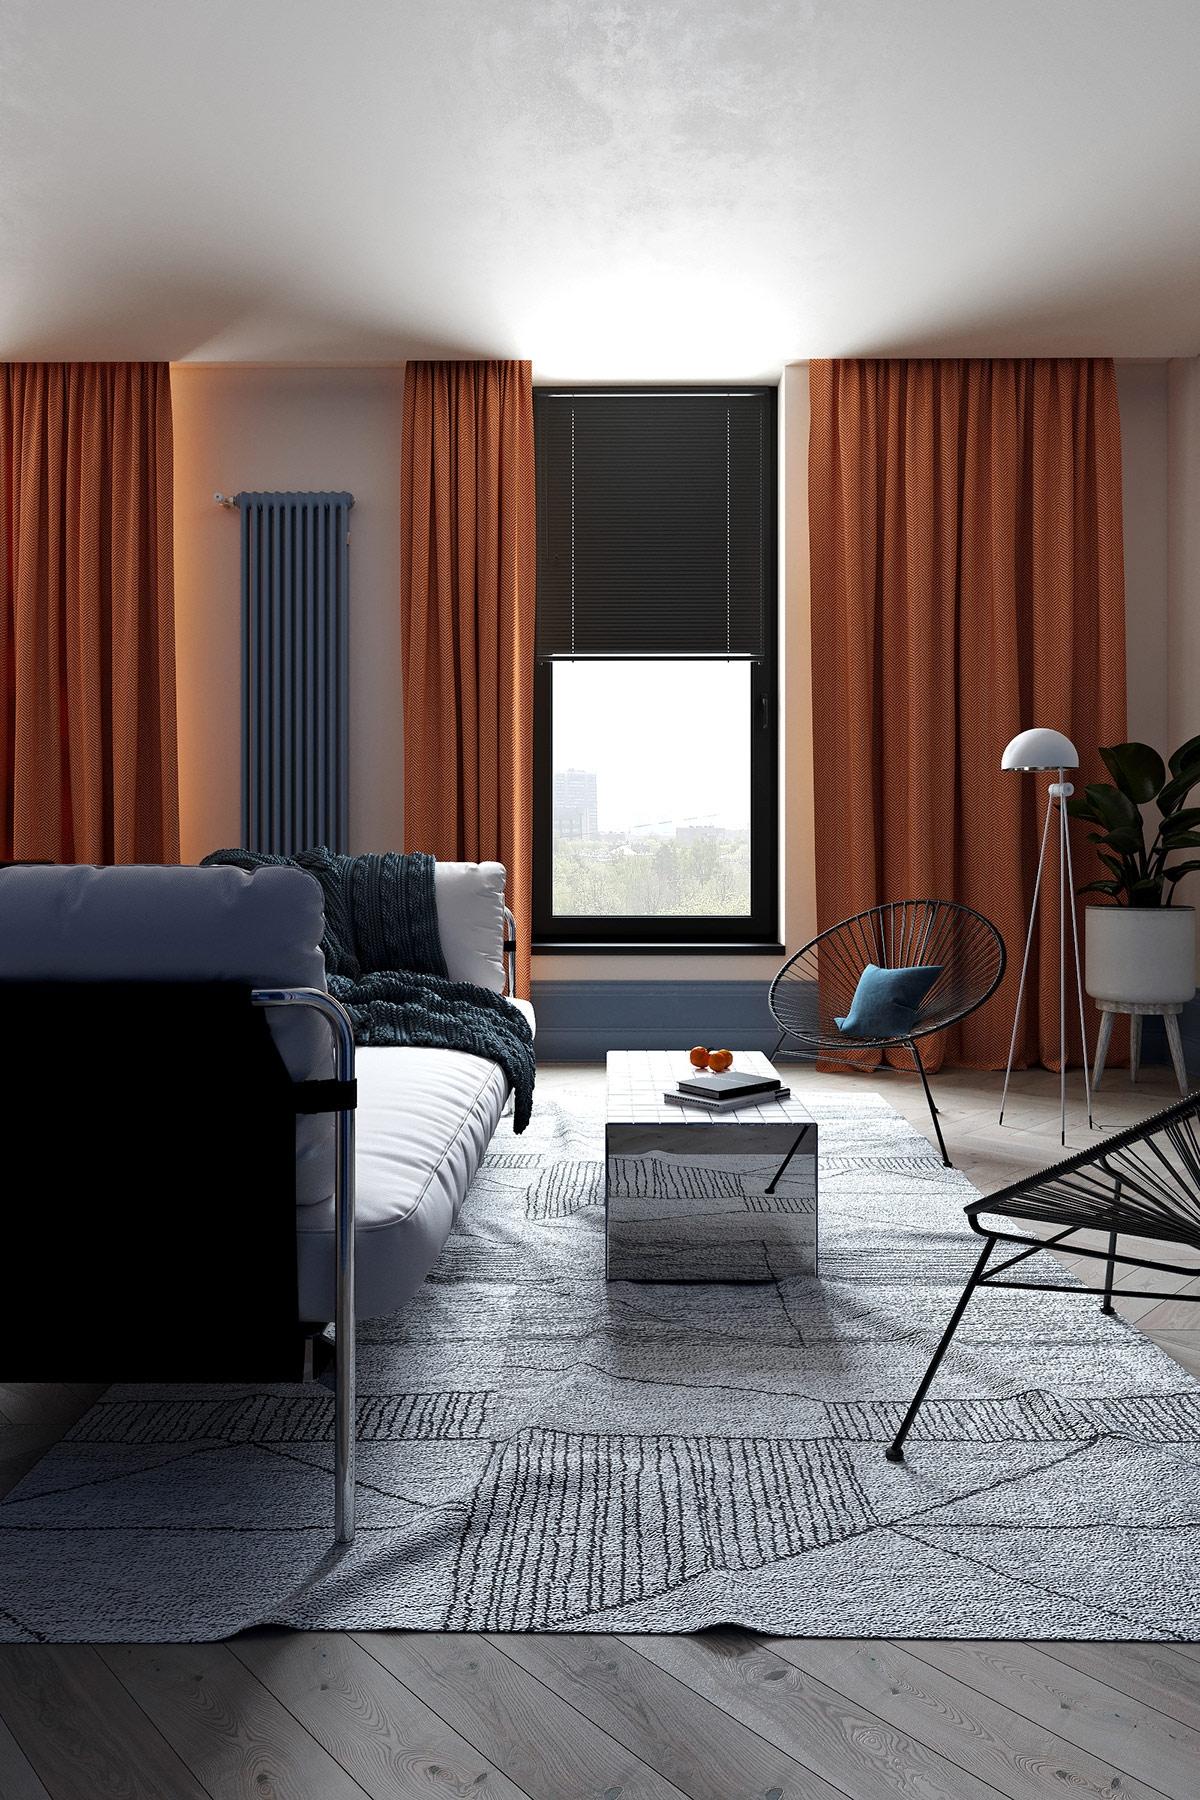 Những chiếc rèm màu cam giúp không gian phòng khách trở nên ấm cúng trong tiết trời lạnh giá và việc đan xen màu xanh dương dường như giúp căn phòng được dịu nhẹ hơn